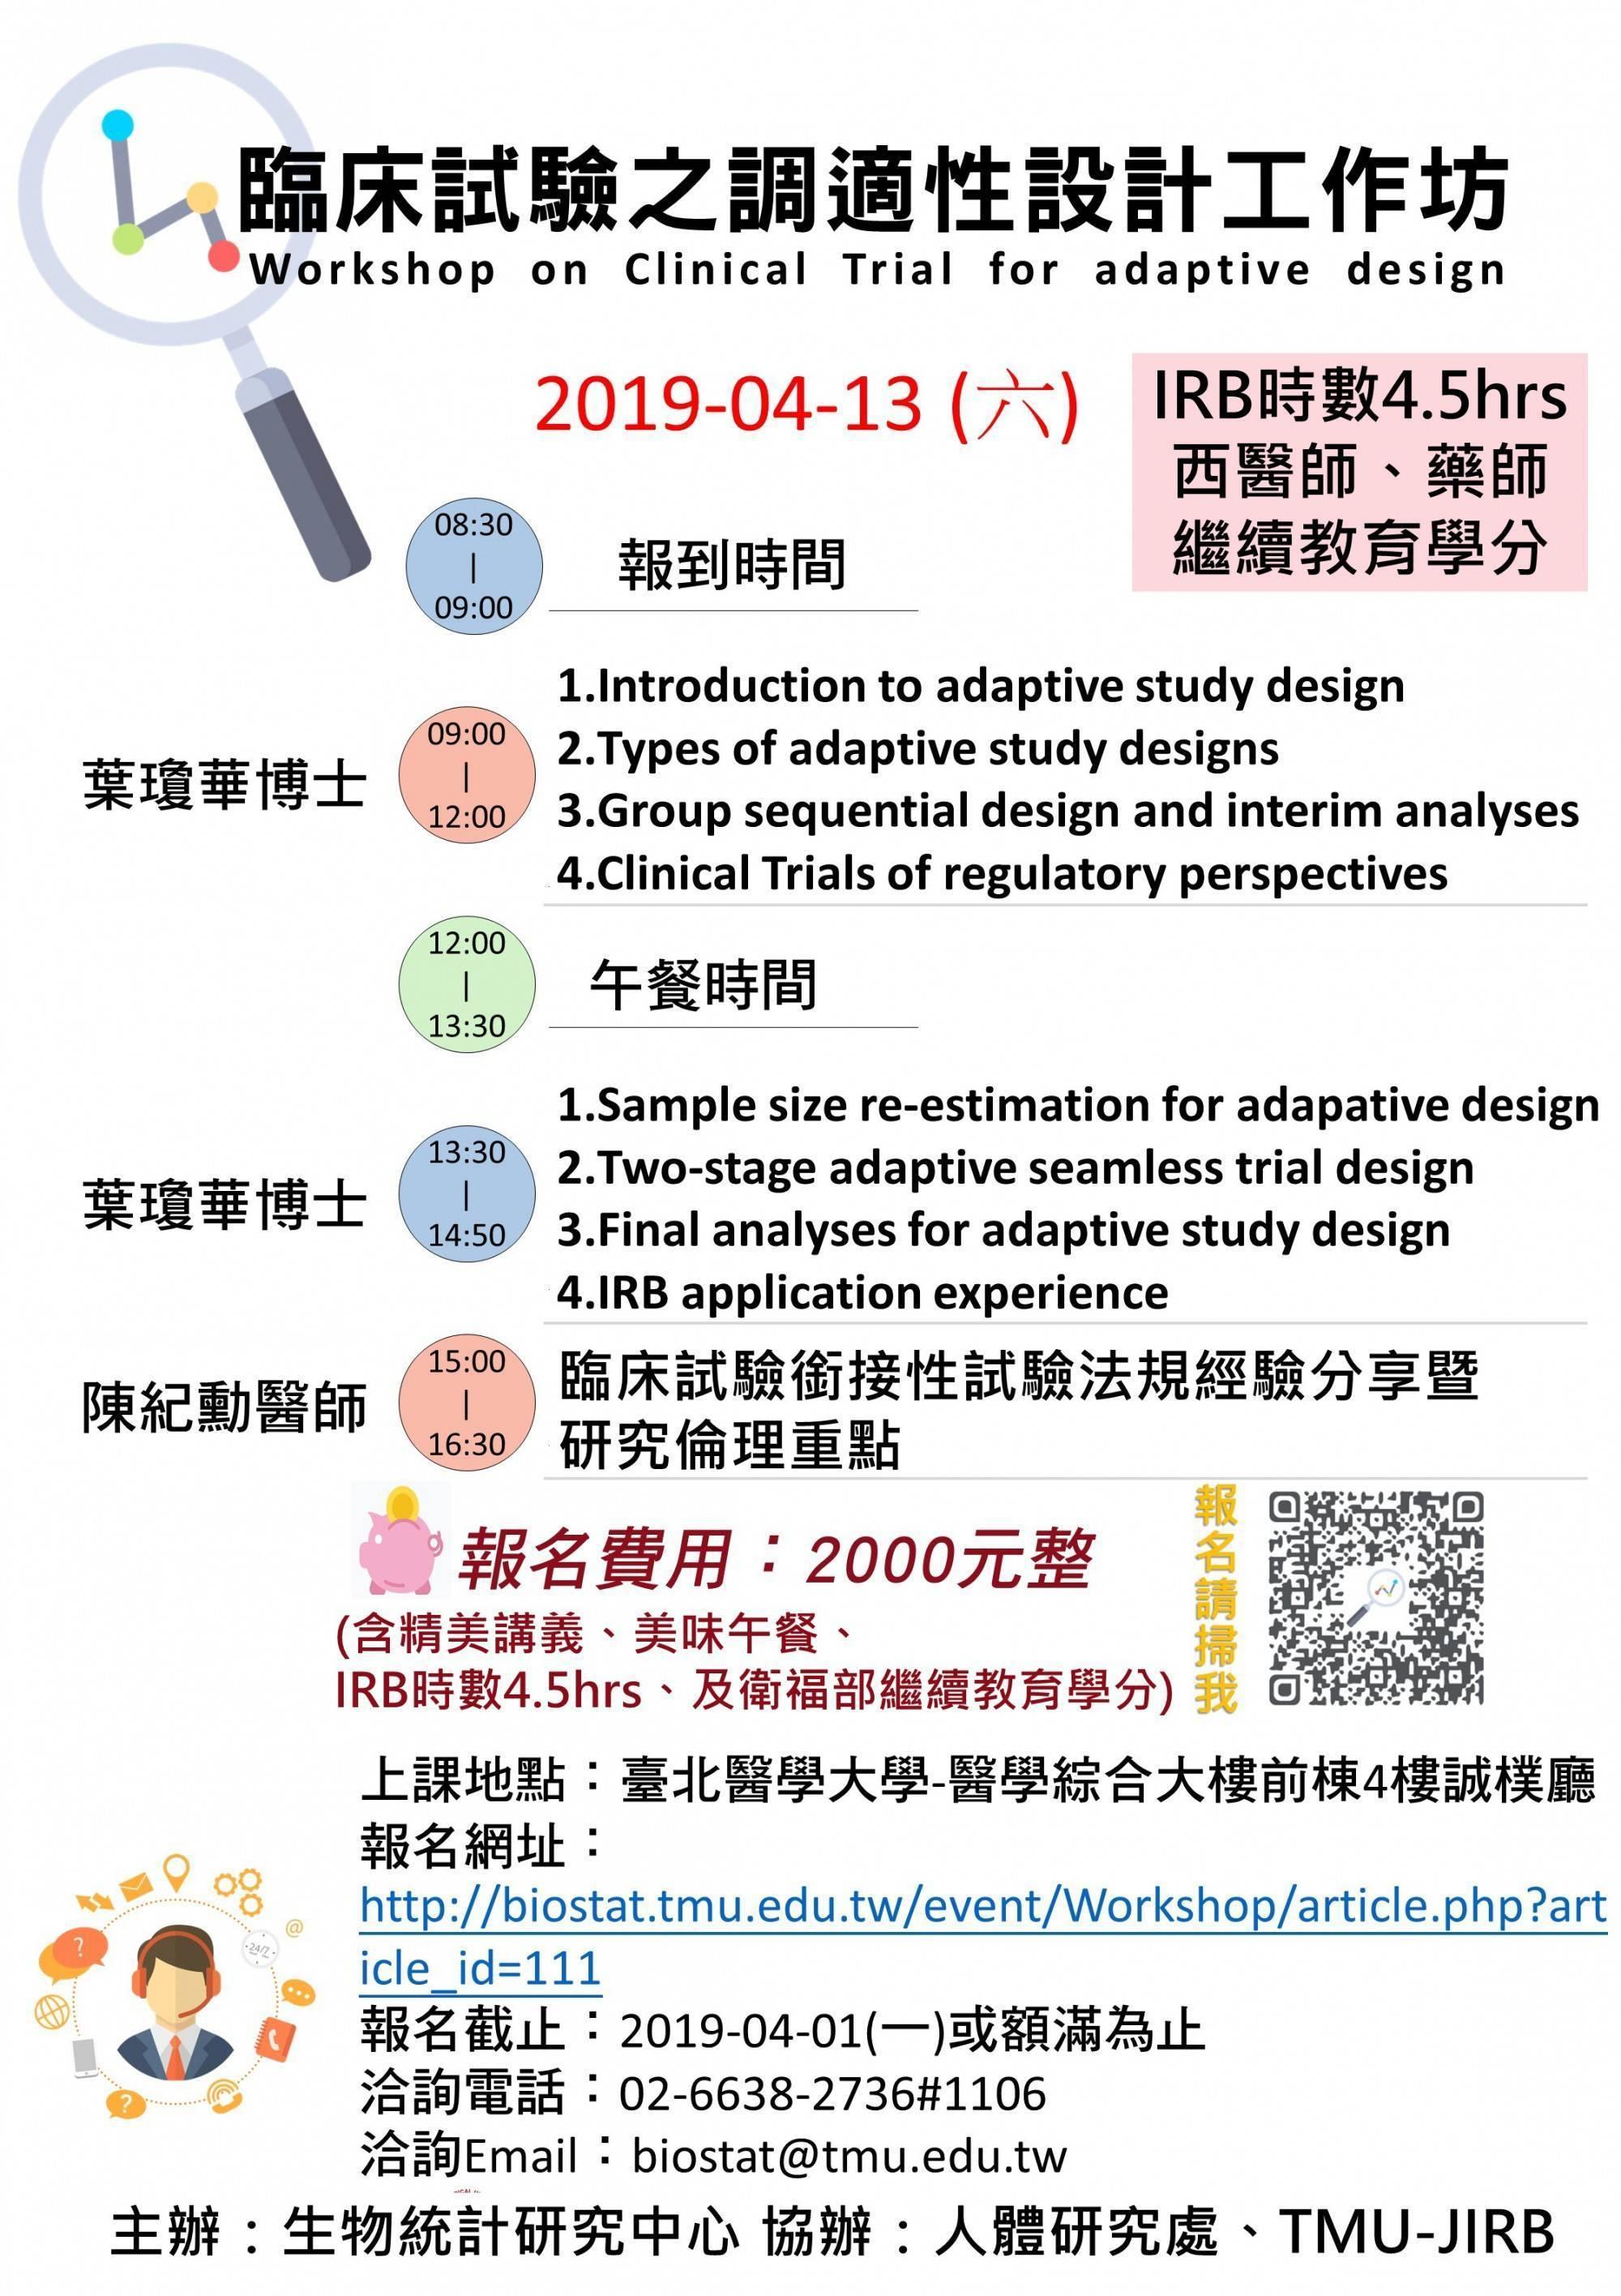 臨床試驗之調適性設計(adaptive design)工作坊